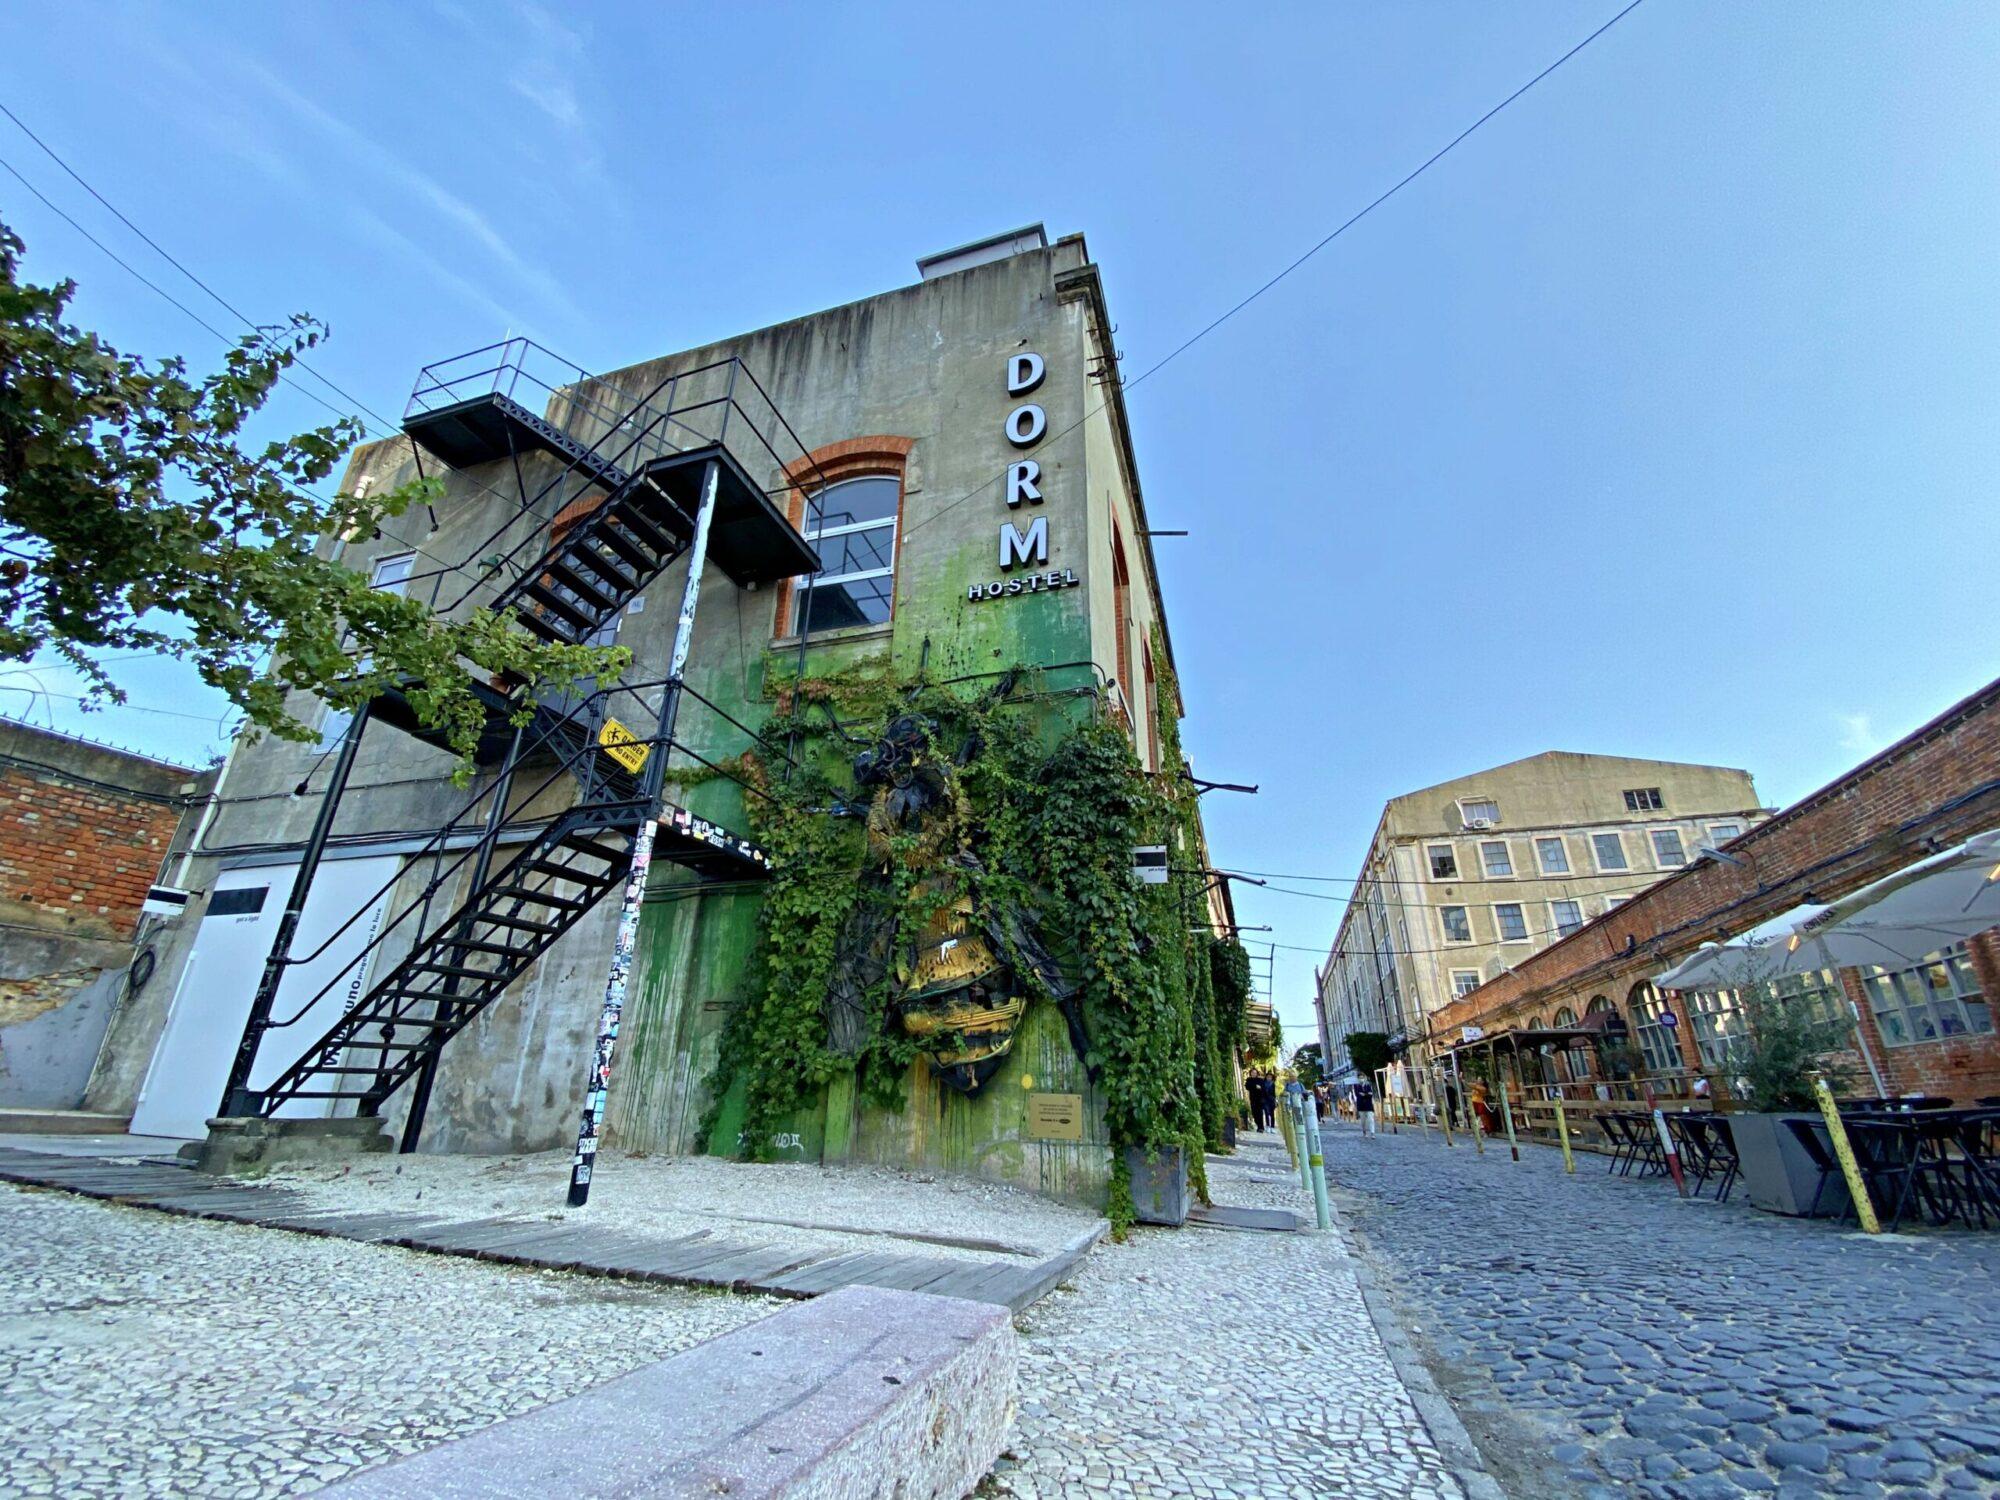 Lx factory Lisbona